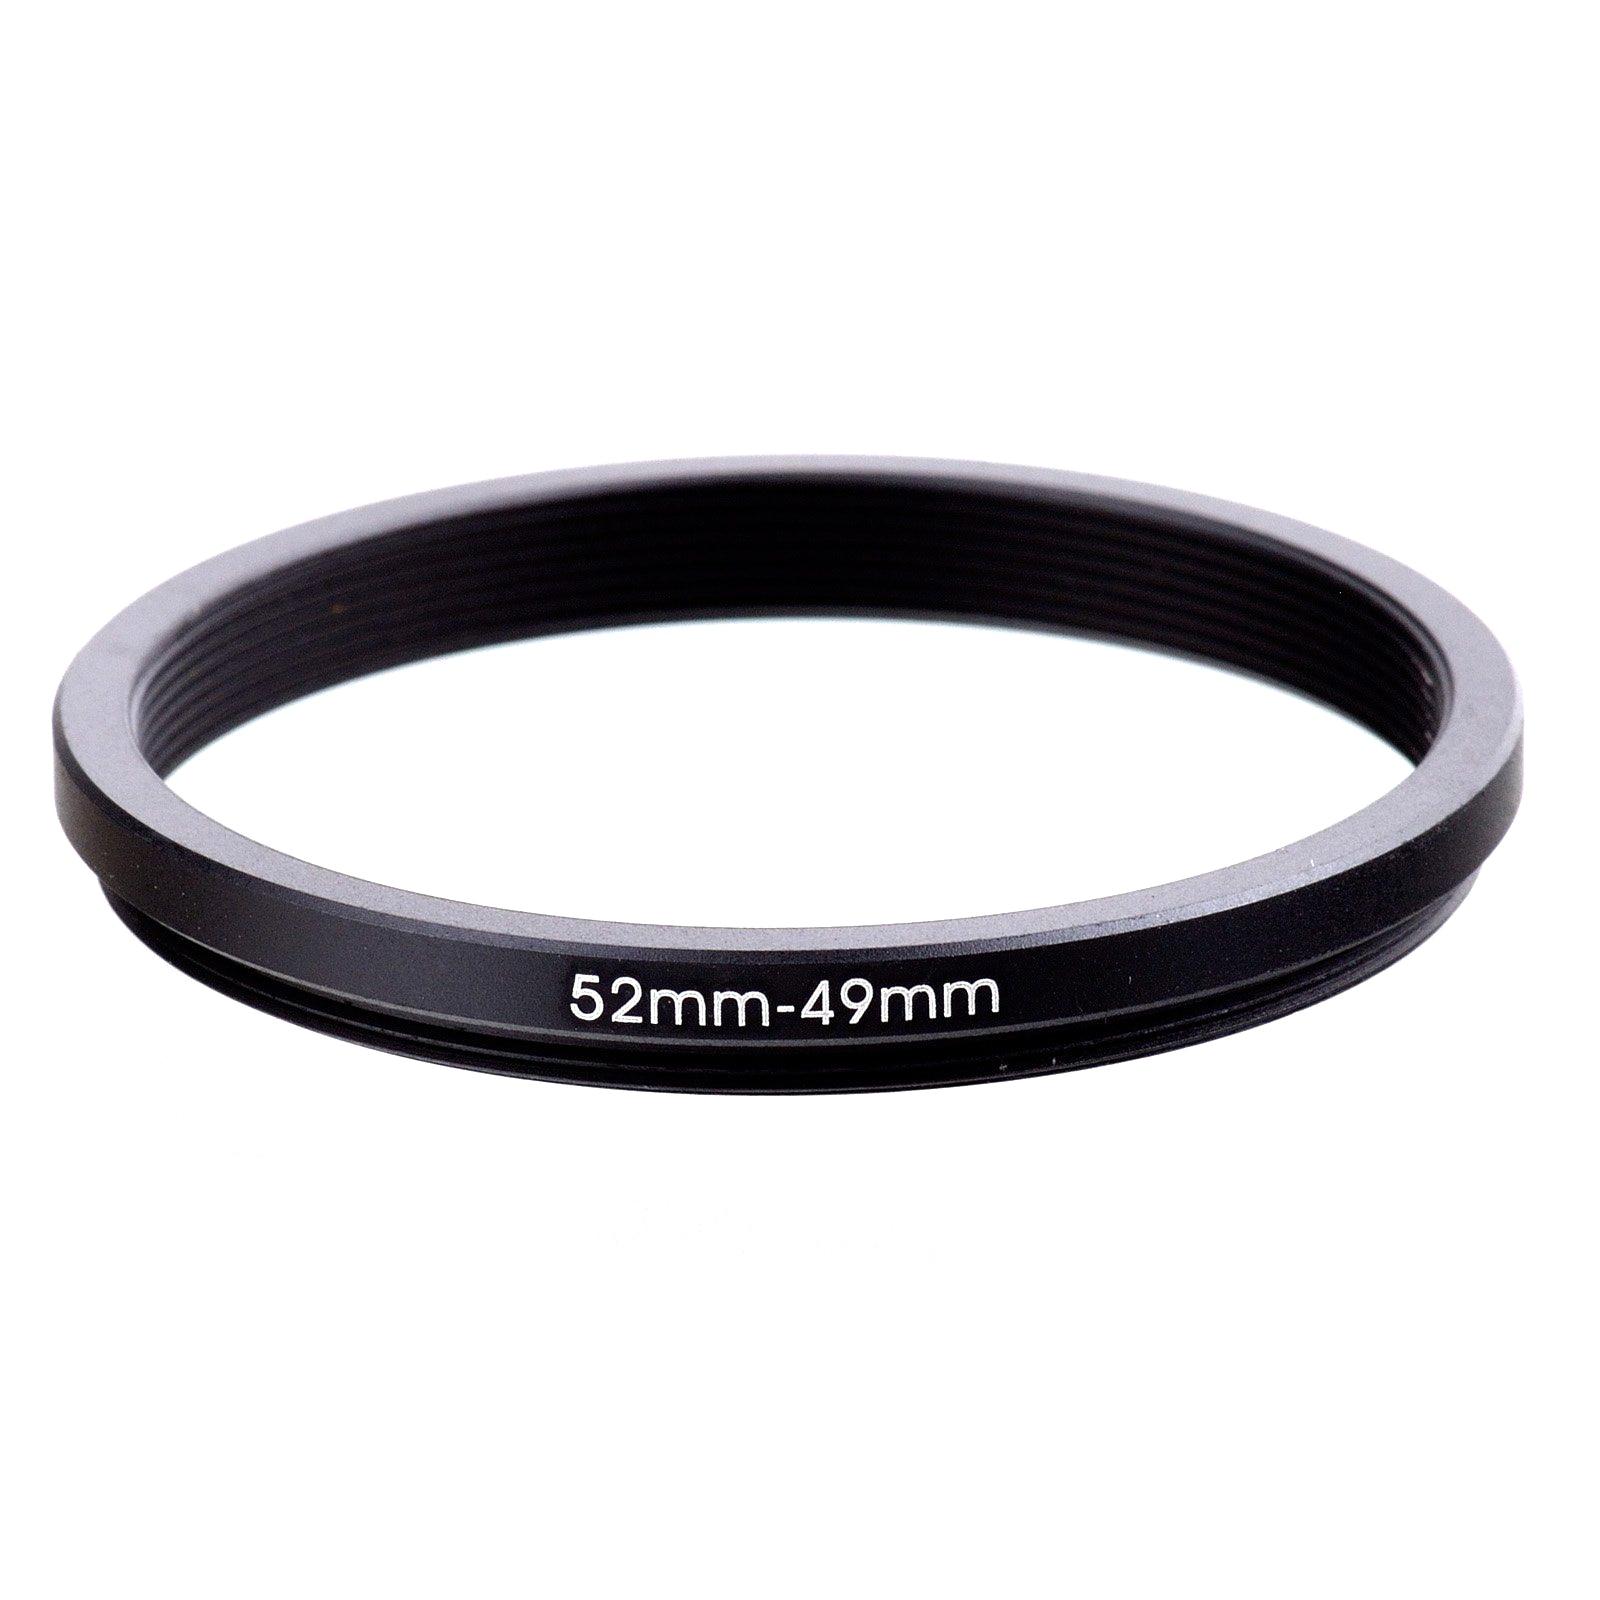 Adapterring 55 mm auf 52 mm Ring 55mm auf 52mm